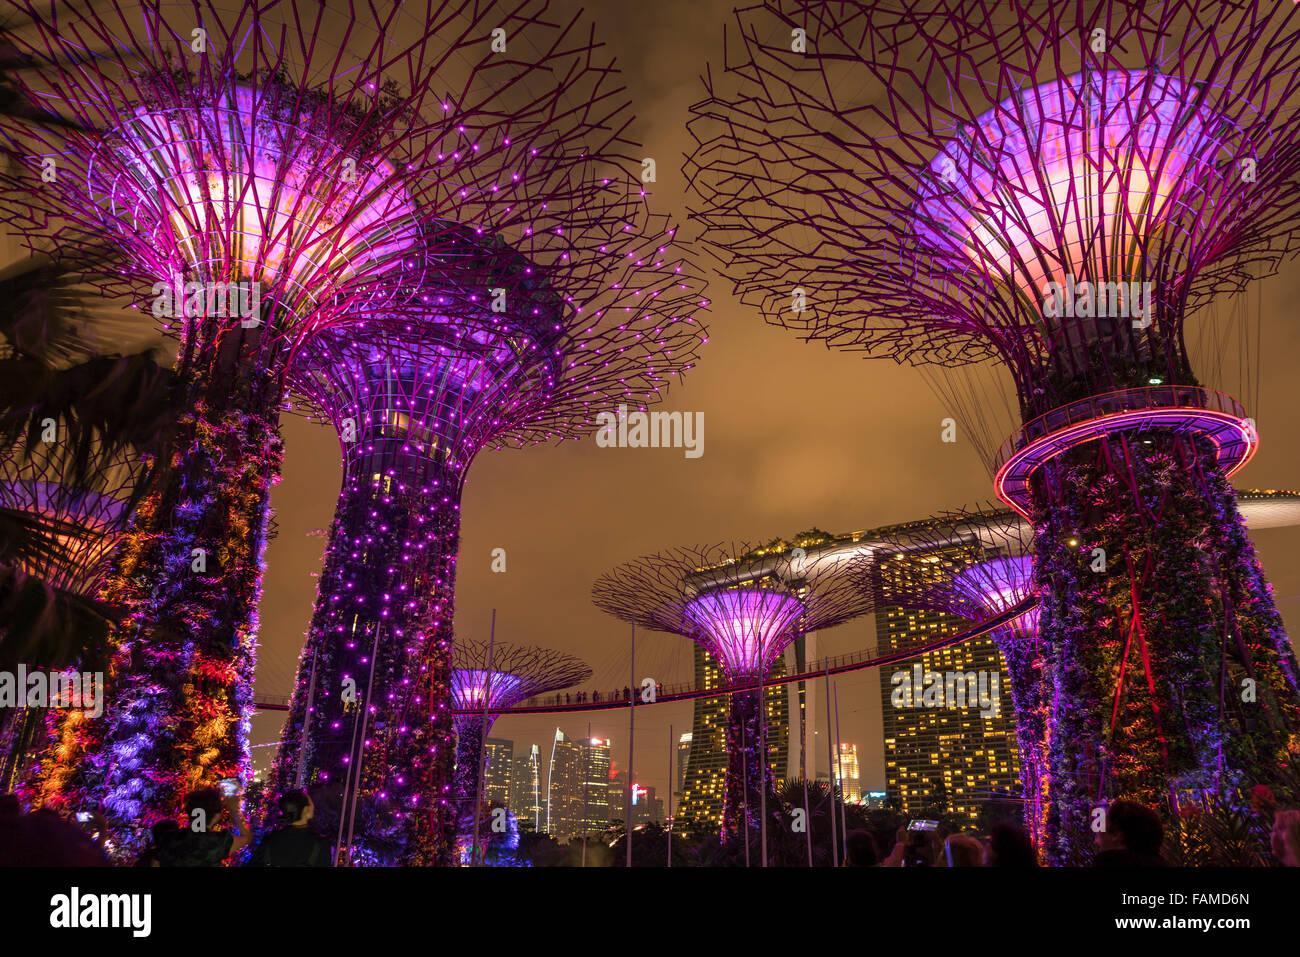 Super Trees Gardens Bay Singapore Stock Photos & Super Trees Gardens ...